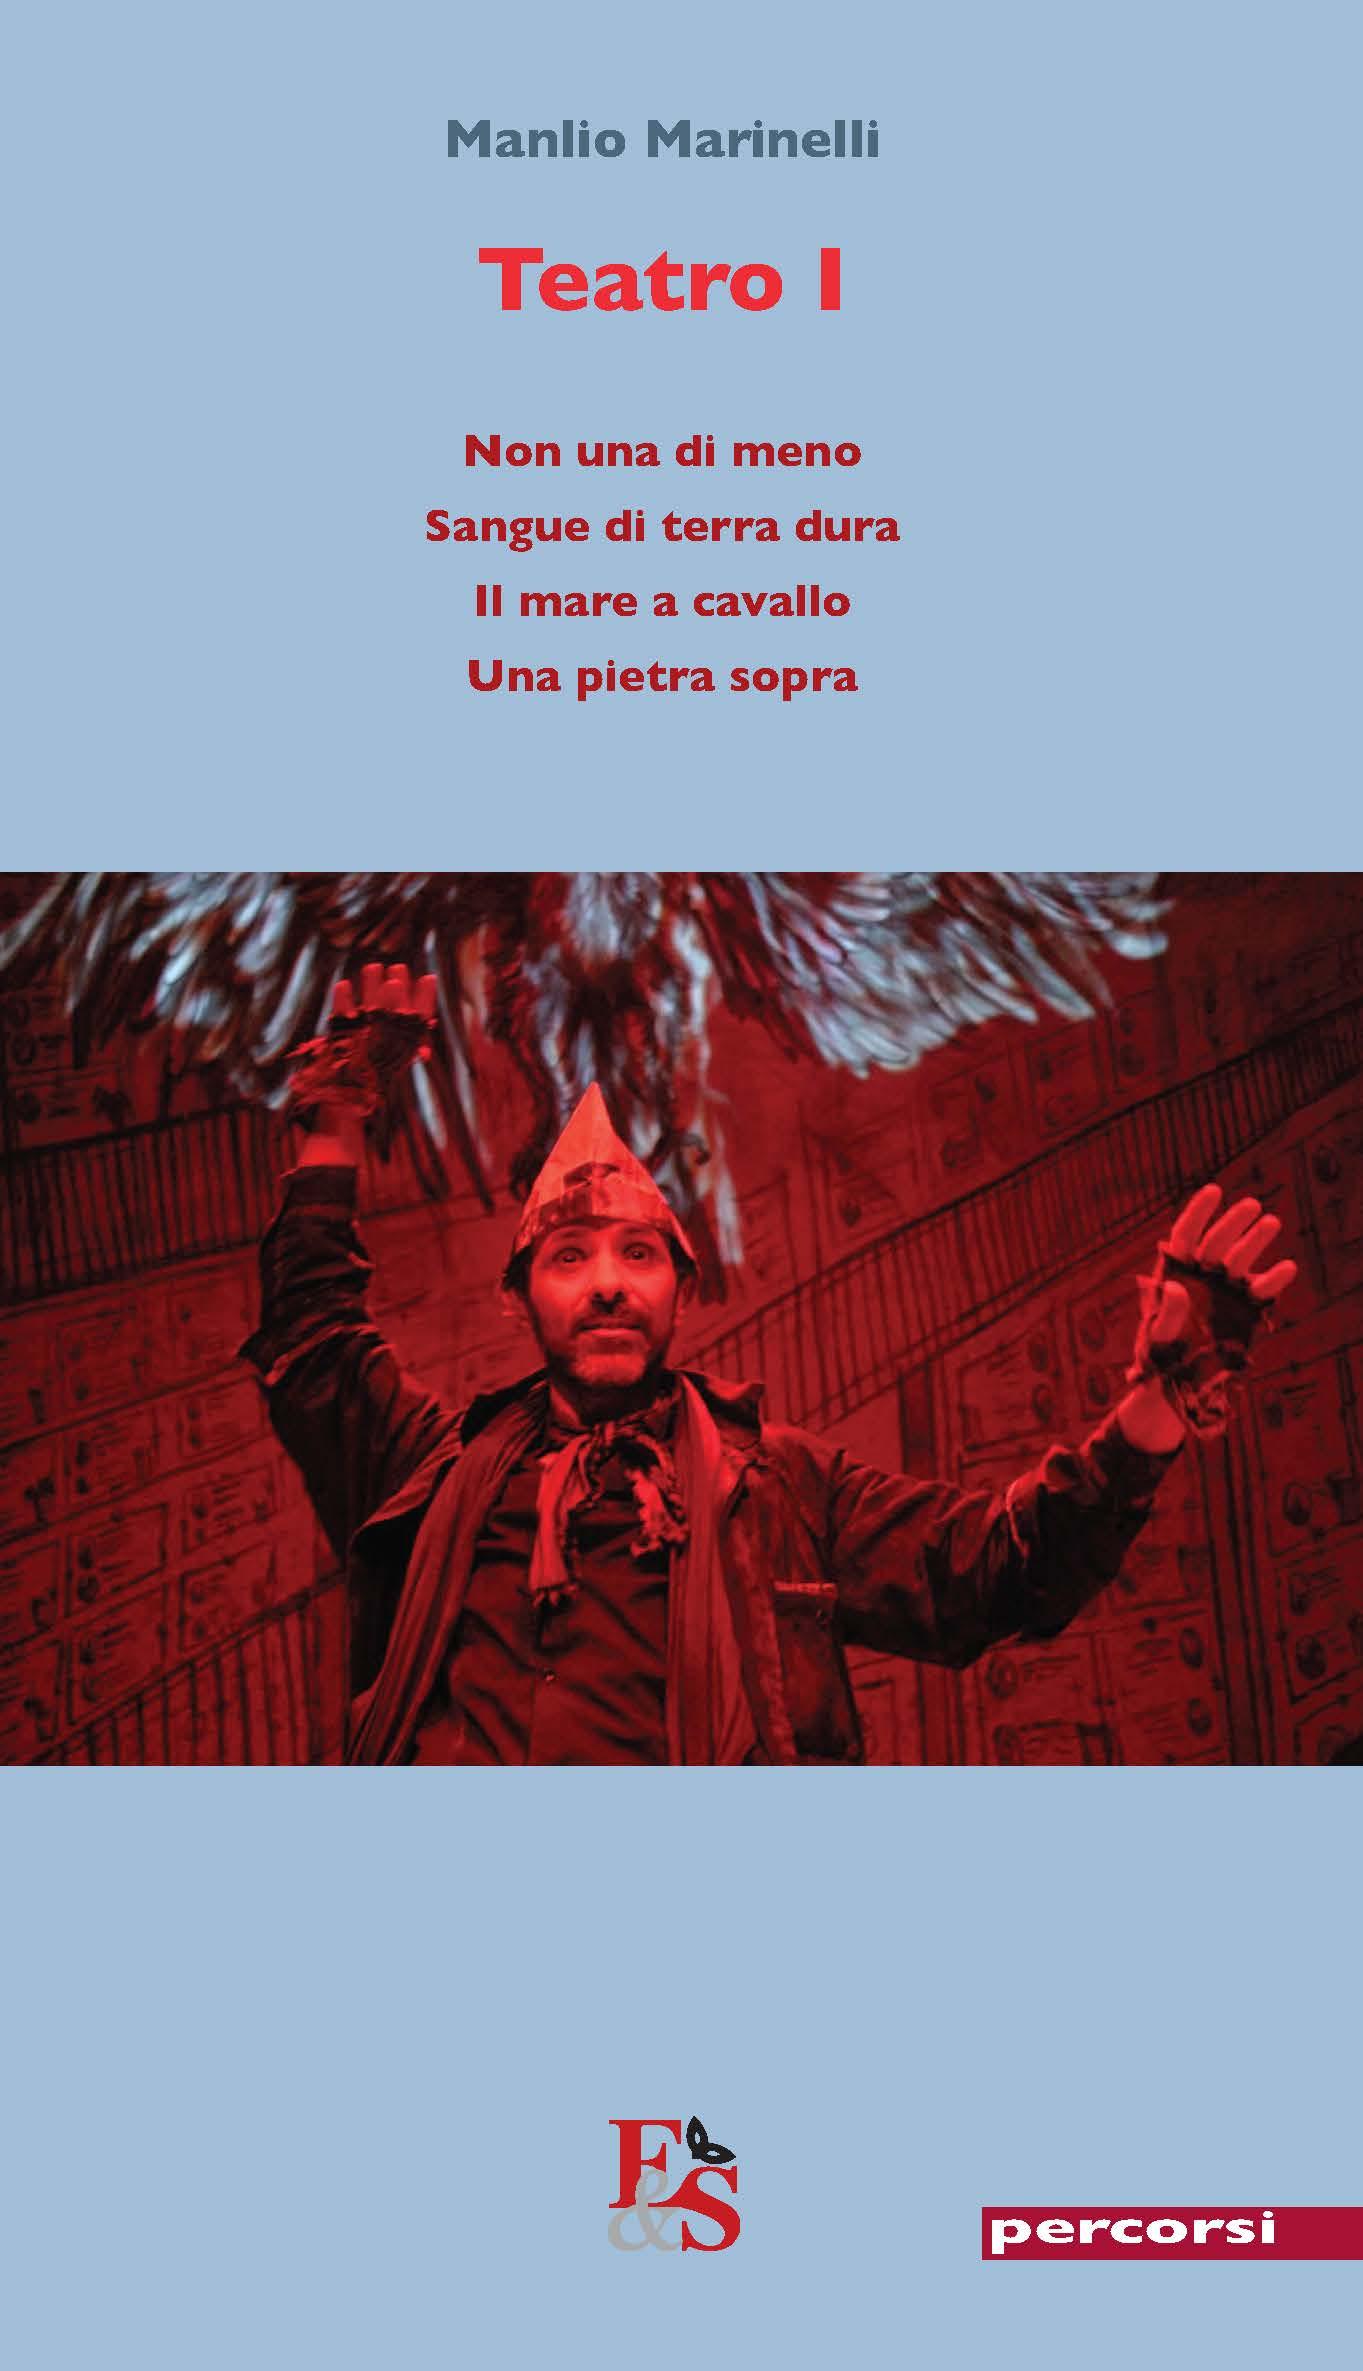 Teatro I di Manlio Marinelli